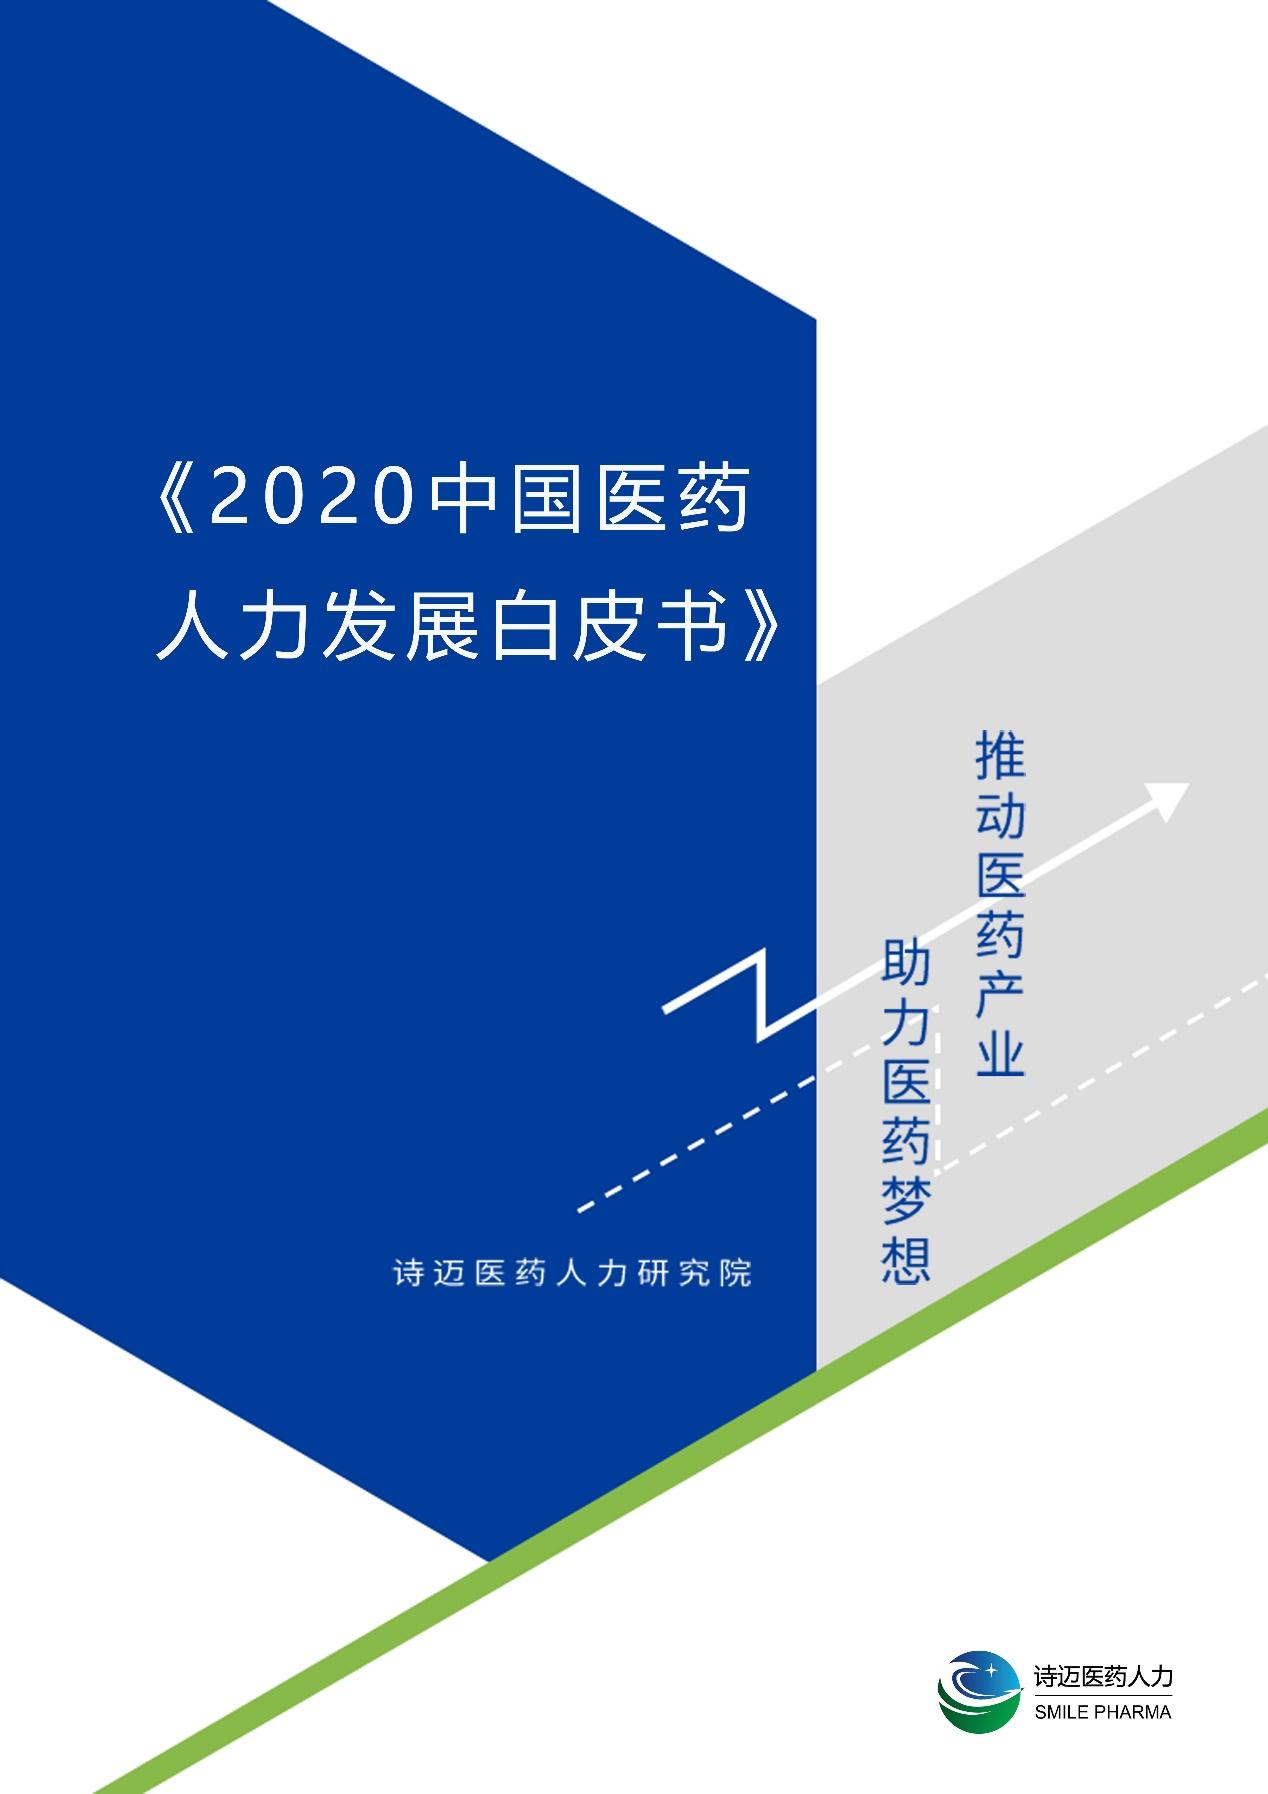 诗迈医药猎头《2020中国医药人力发展白皮书》正式发布